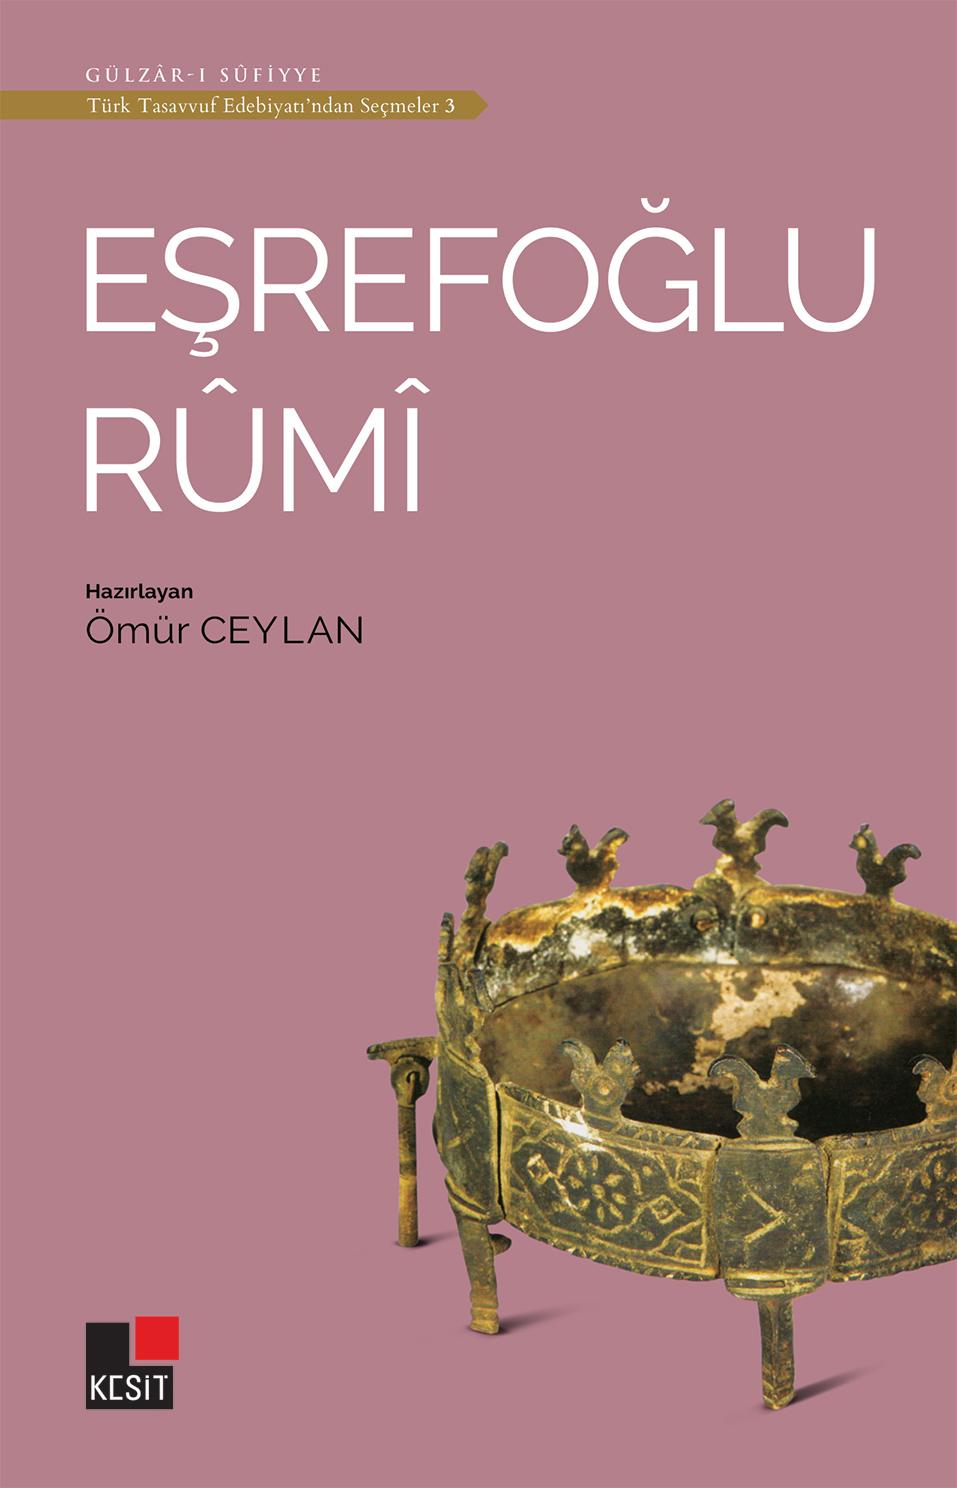 Eşrefoğlu Rûmî /Türk tasavvuf edebiyatından seçmeler 3